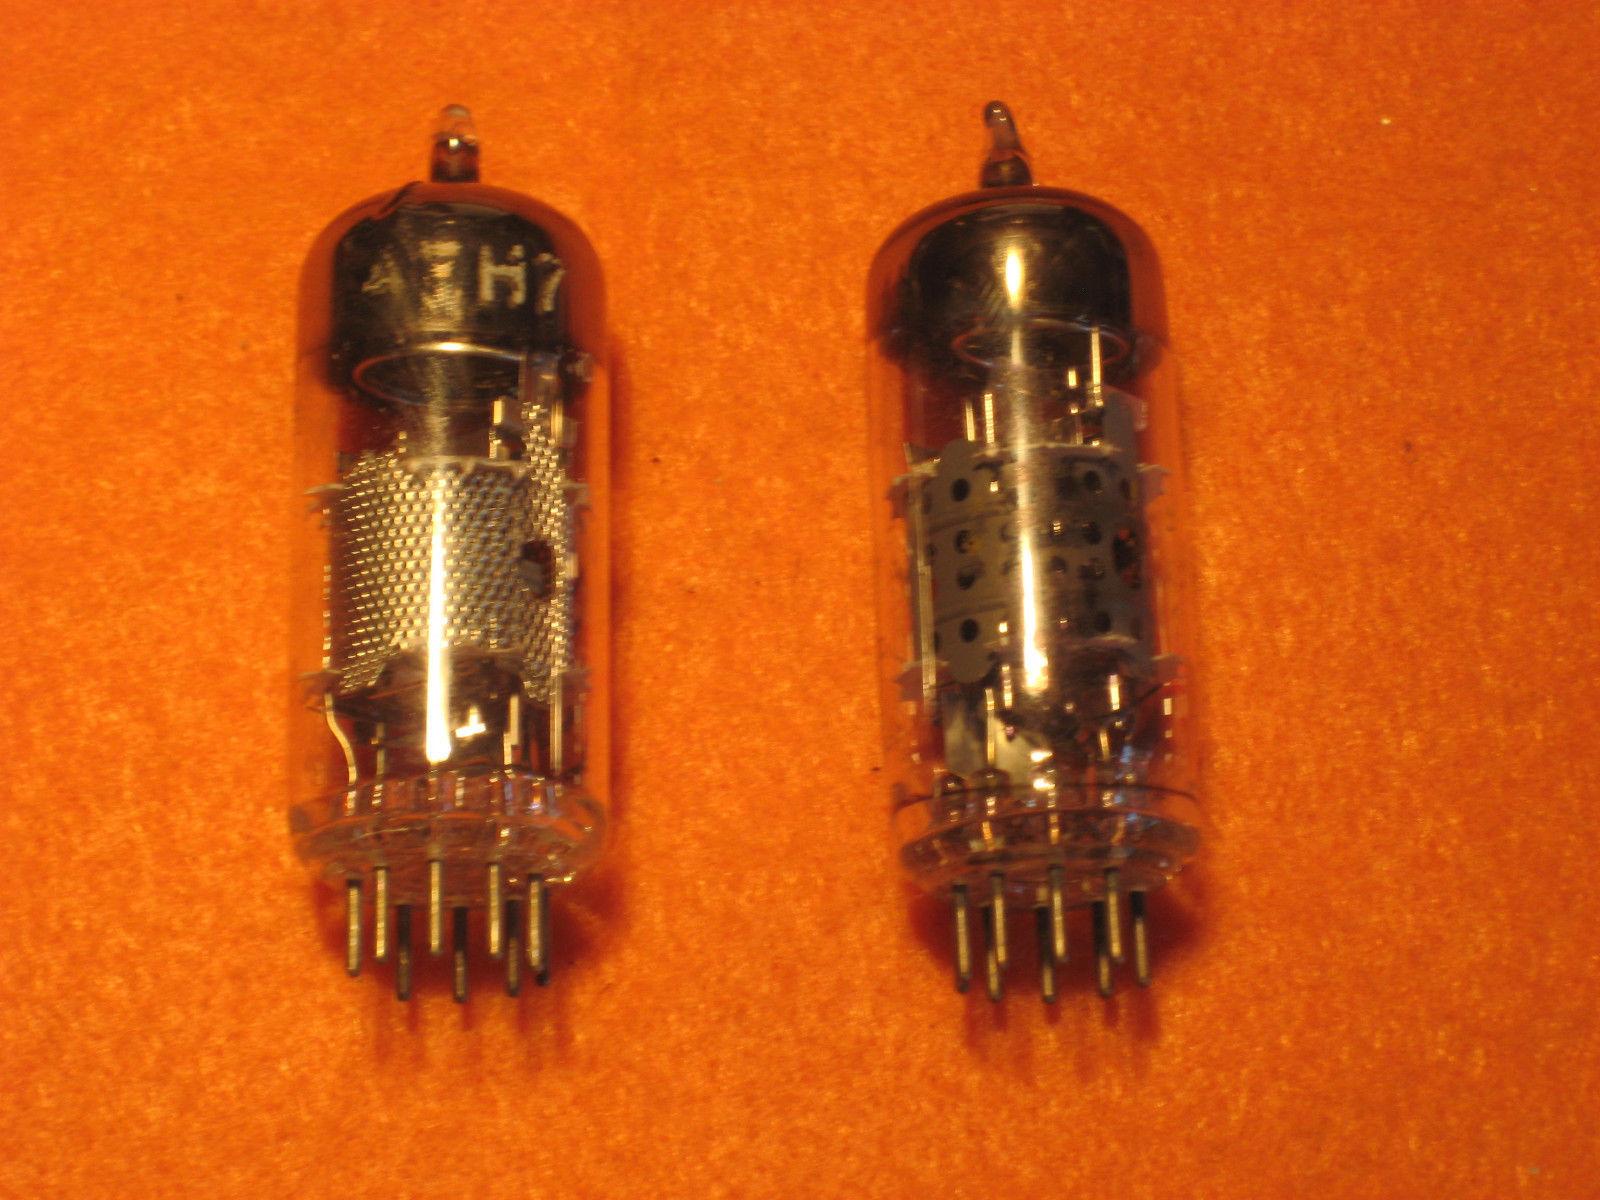 Vintage Radio Vacuum Tube (one): 4EH7 - Tested Good